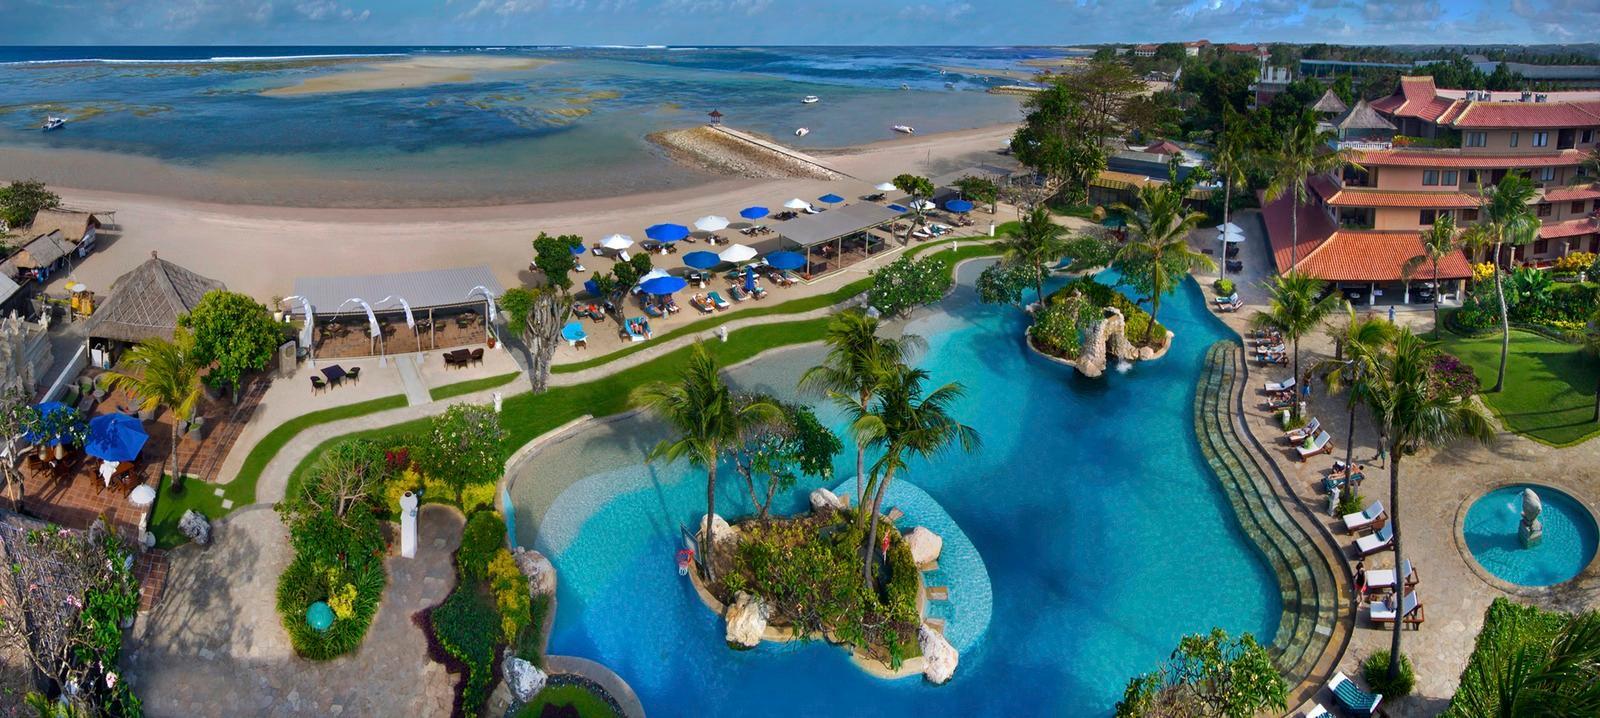 大阿斯顿巴厘岛海滩度假村